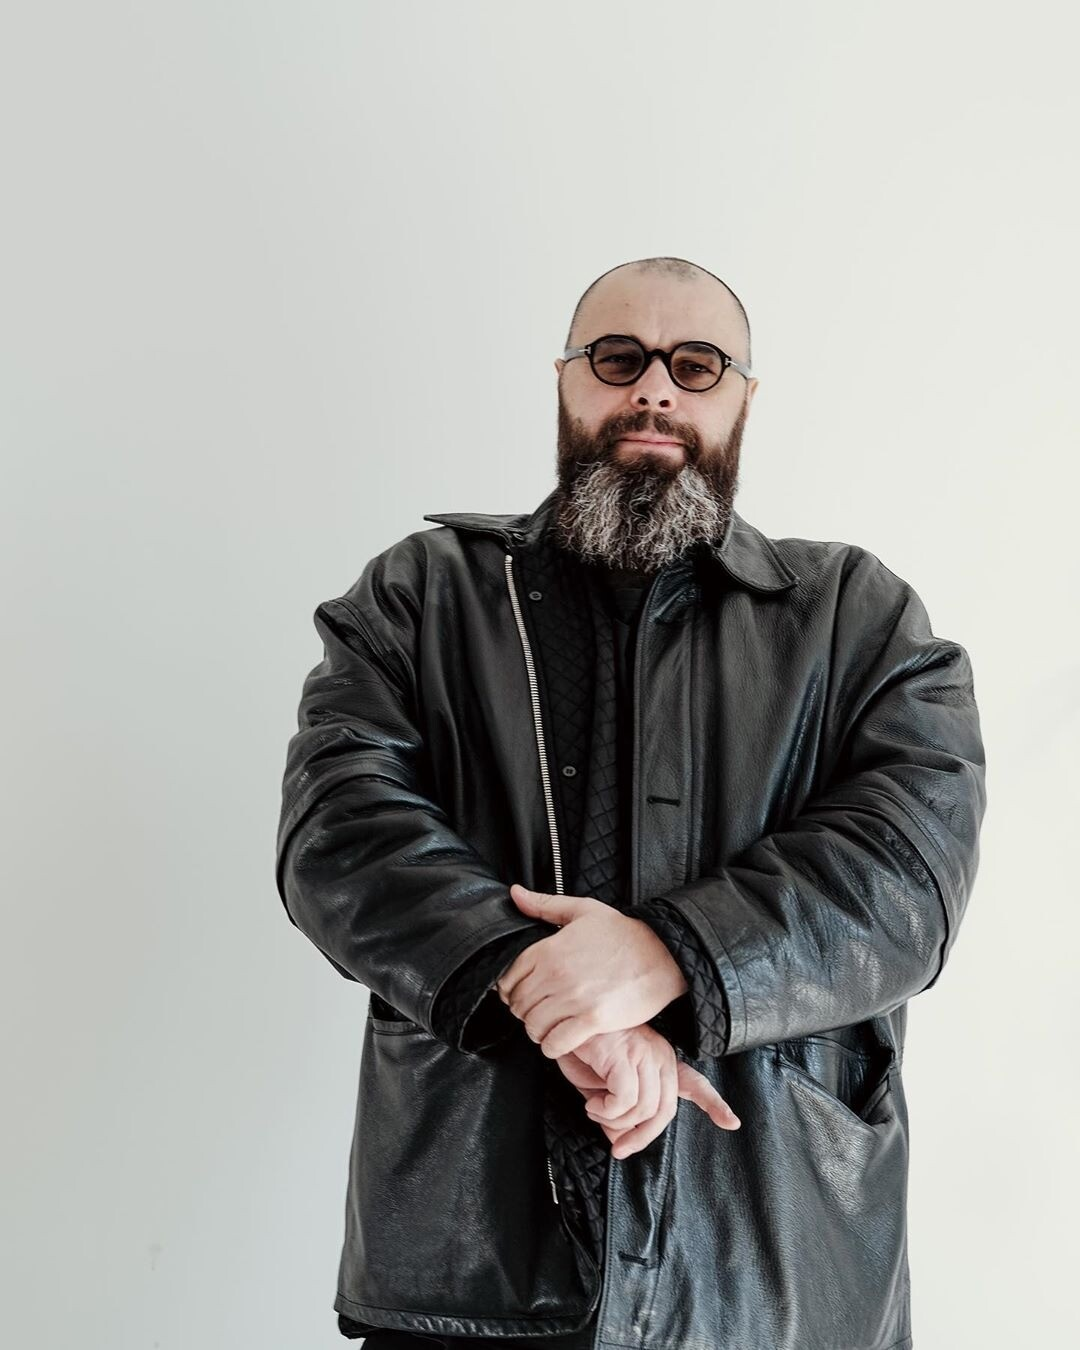 «Громкие звуки для меня губительны»: Максим Фадеев едва не лишился слуха из-за пожарной сигнализации